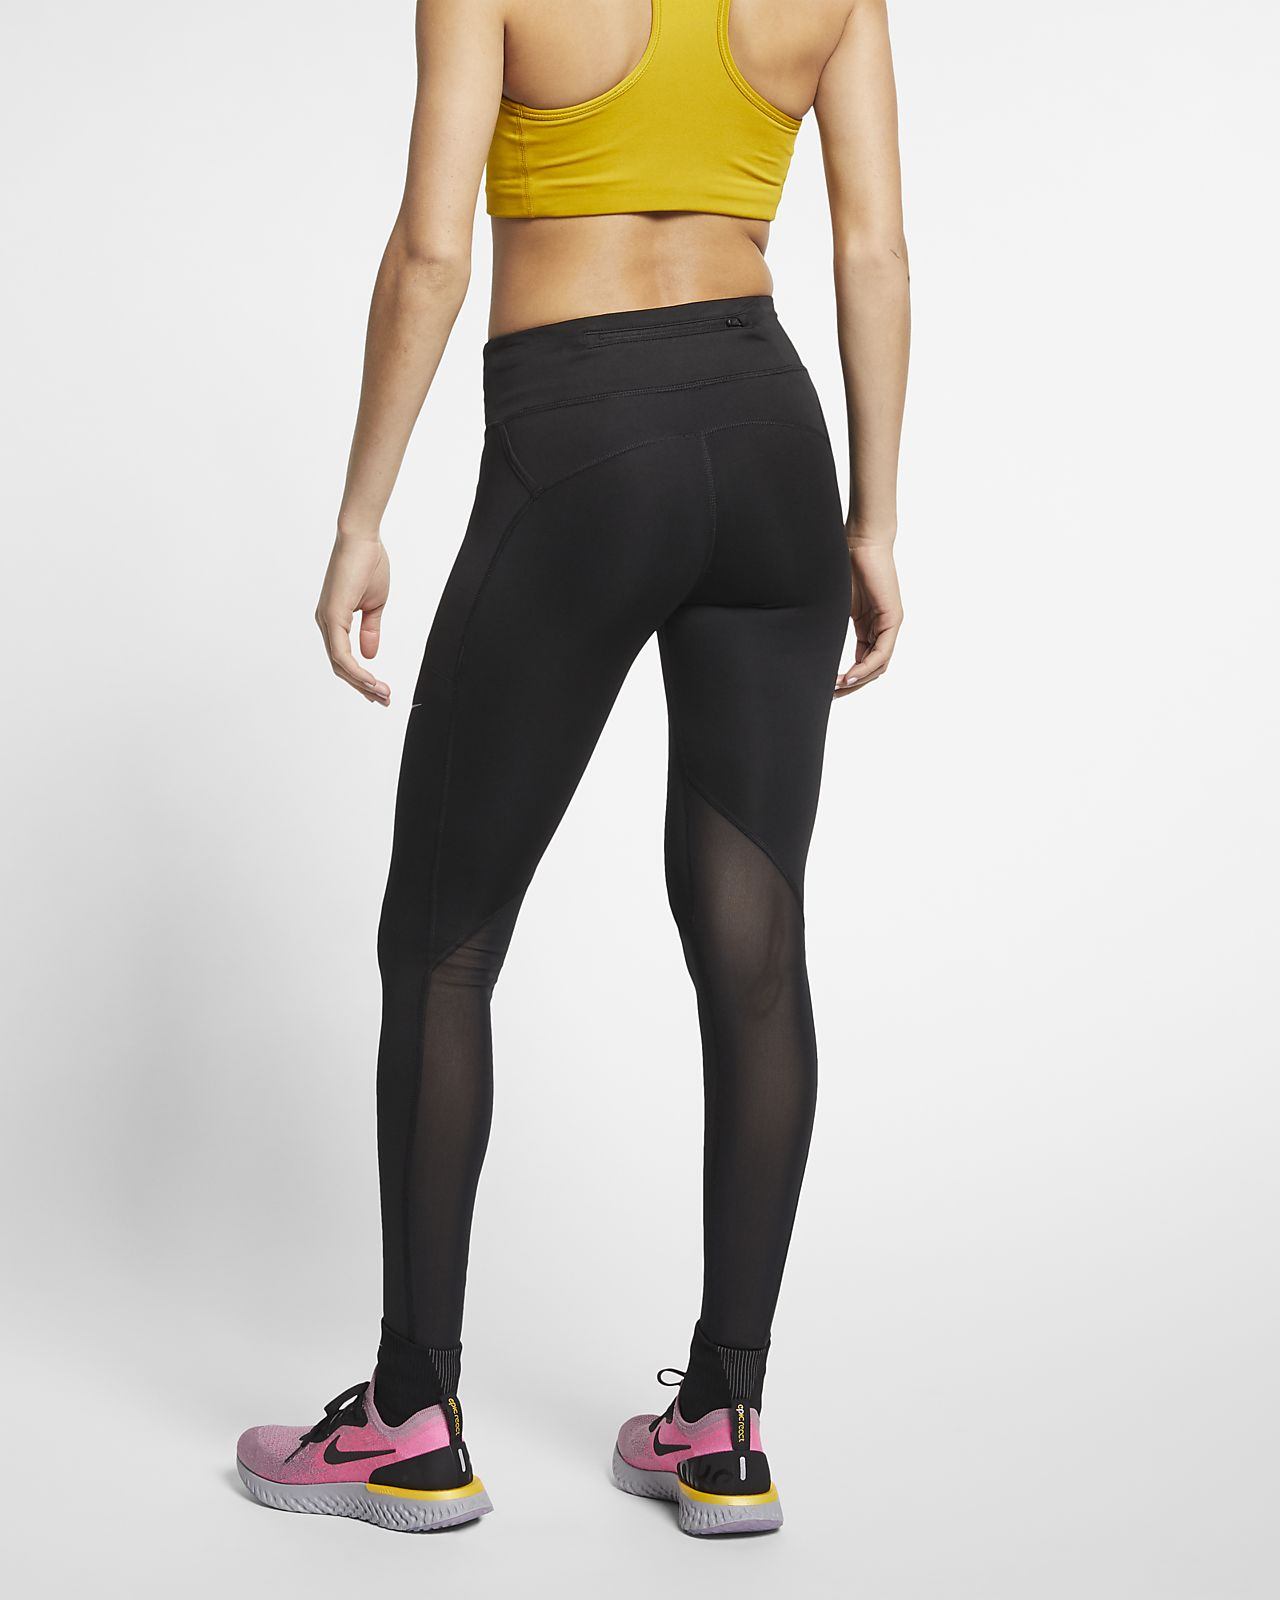 8fd06a07f32934 Nike Fast Women's Running Tights. Nike.com